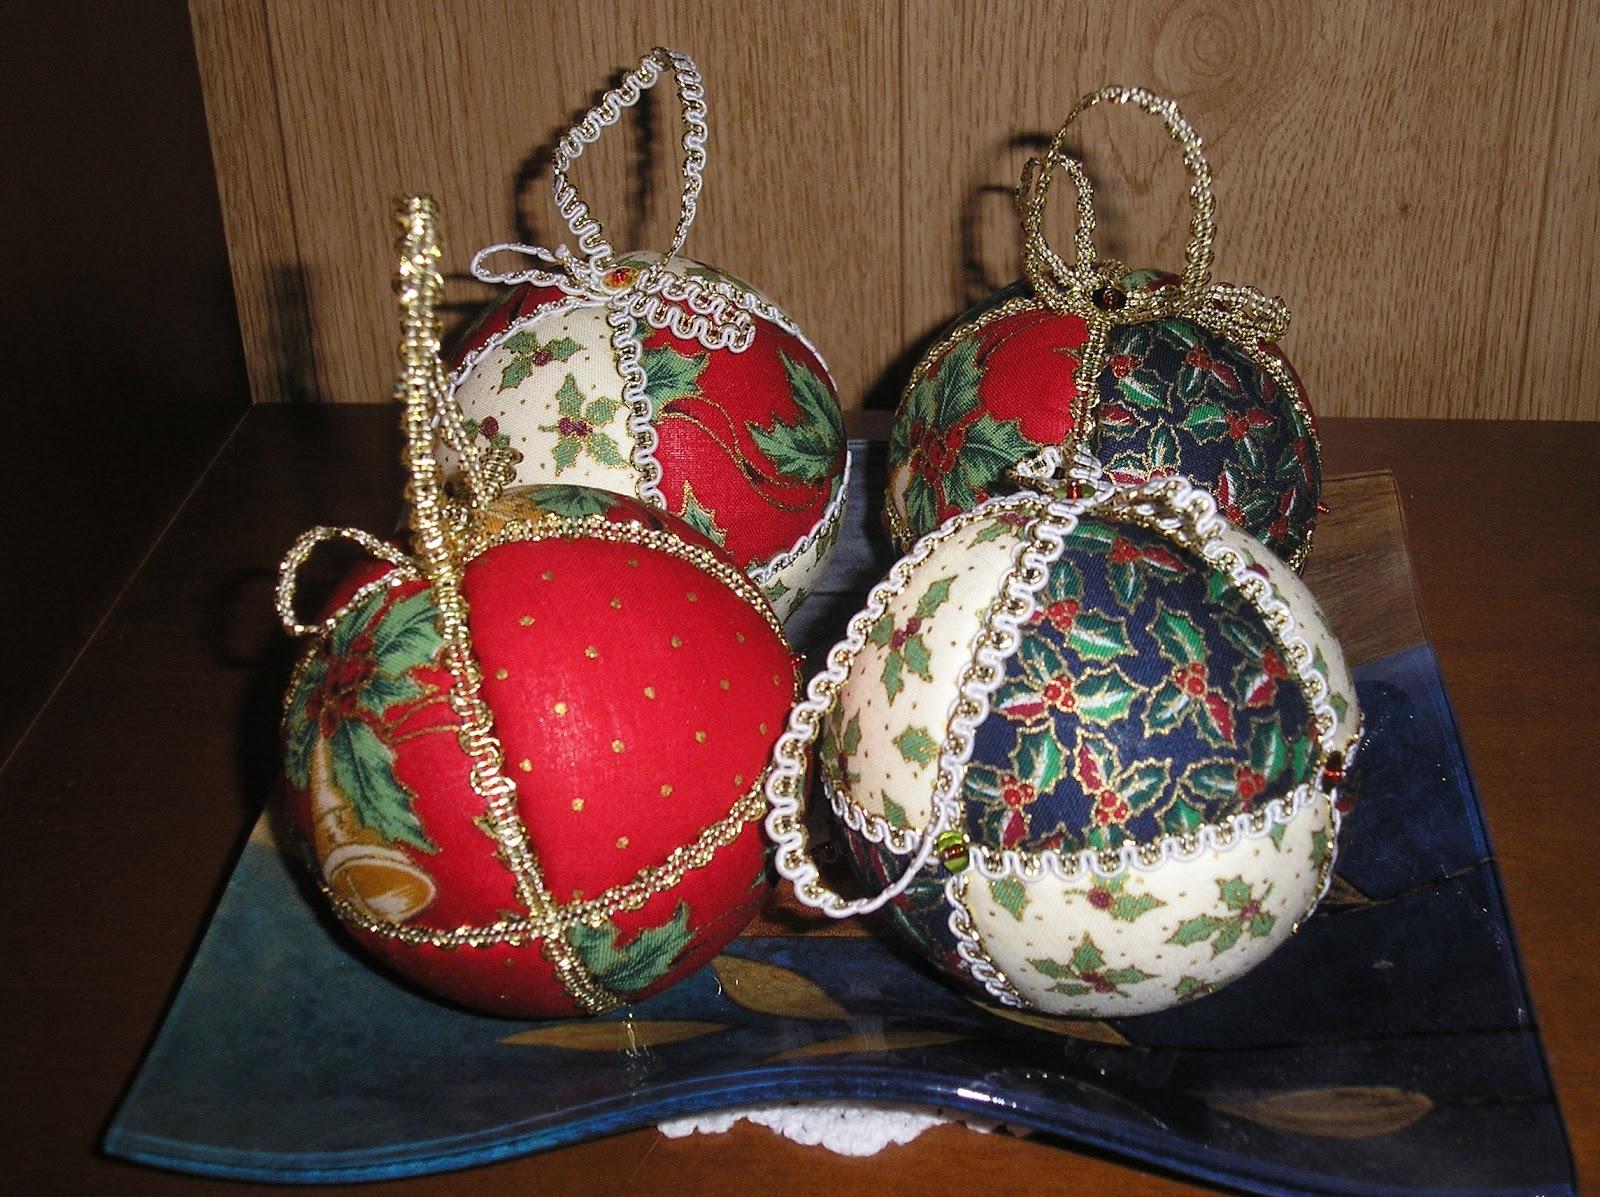 Mis peque as manualidades bolas de navidad para mi arbol - Bolas arbol navidad manualidades ...